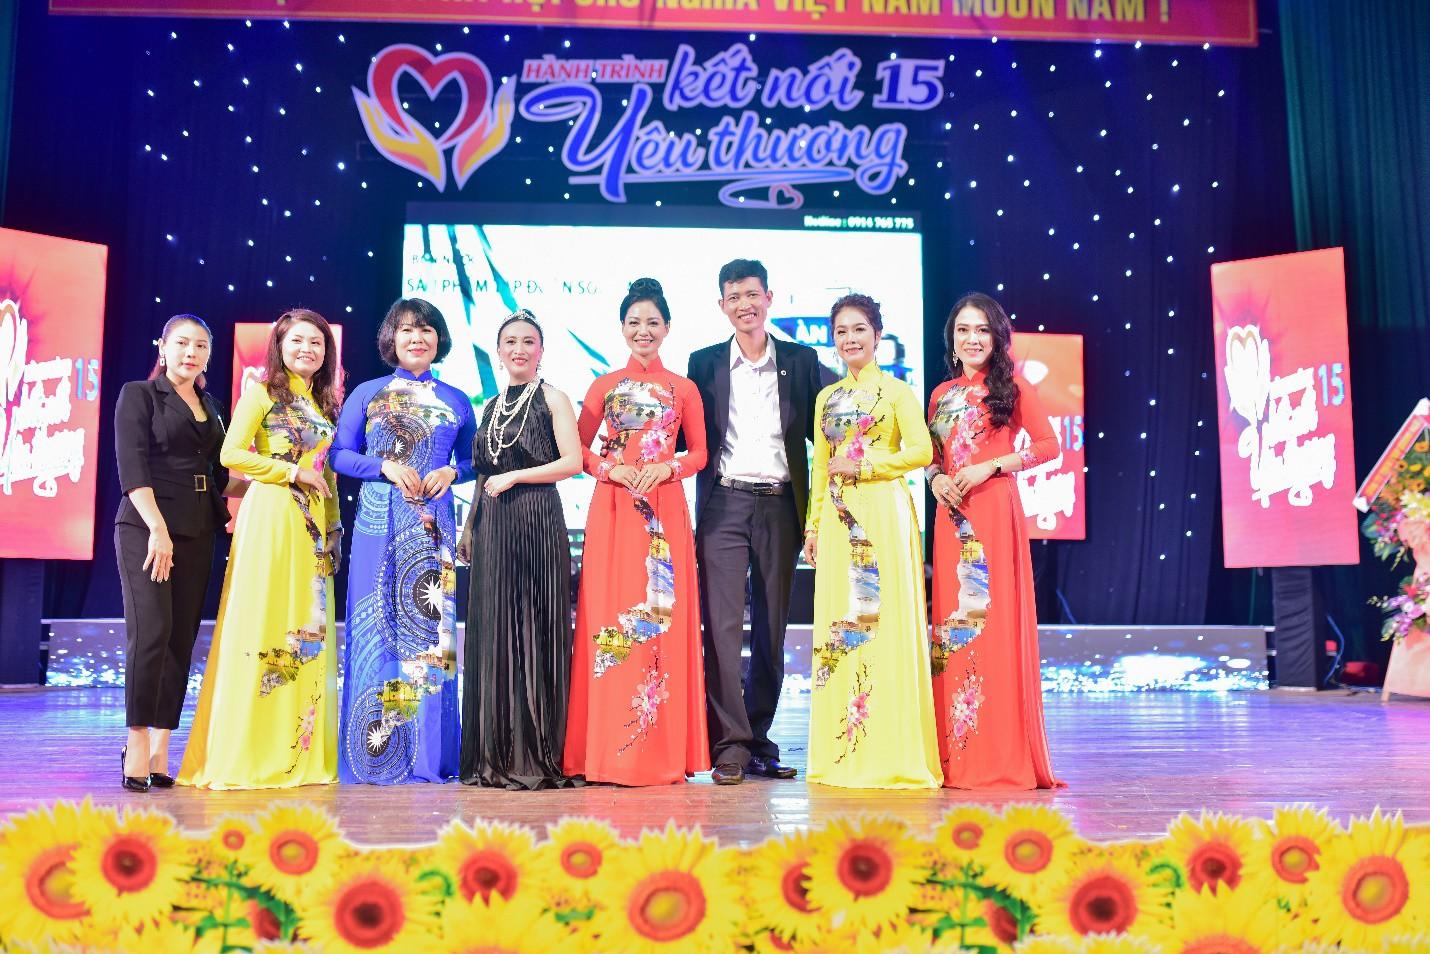 Lưu Lan Anh cùng Hành Trình Kết Nối Yêu Thương số 15 mang yêu thương đến Quảng Ngãi - Ảnh 1